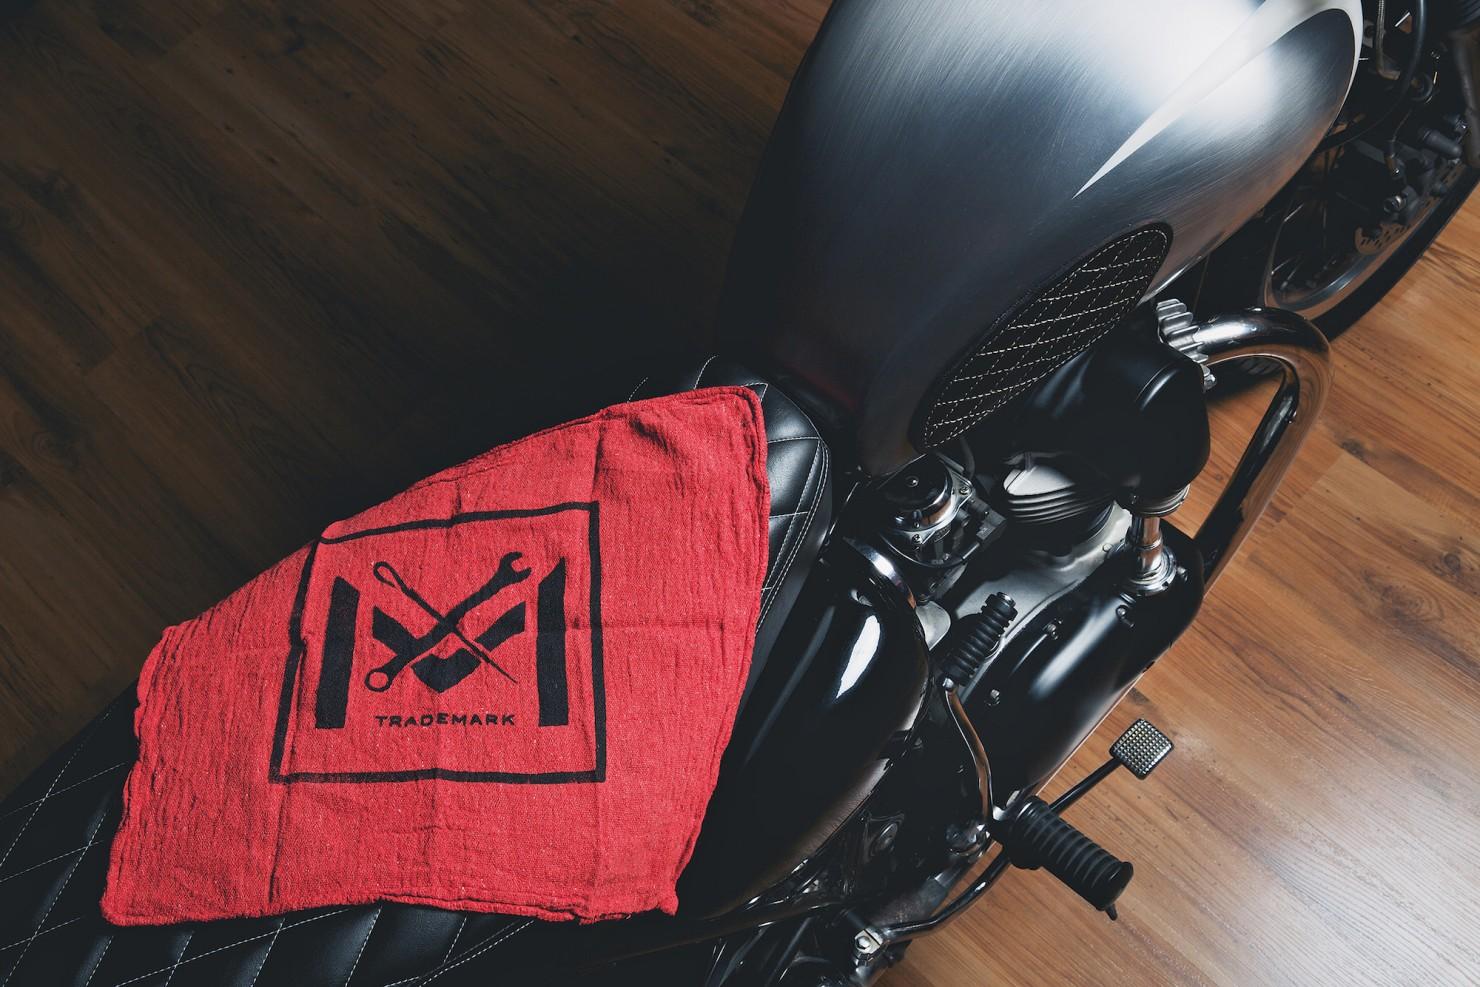 Kawasaki W650 Motorcycle 21 1480x987 Kawasaki W650 by Motovida